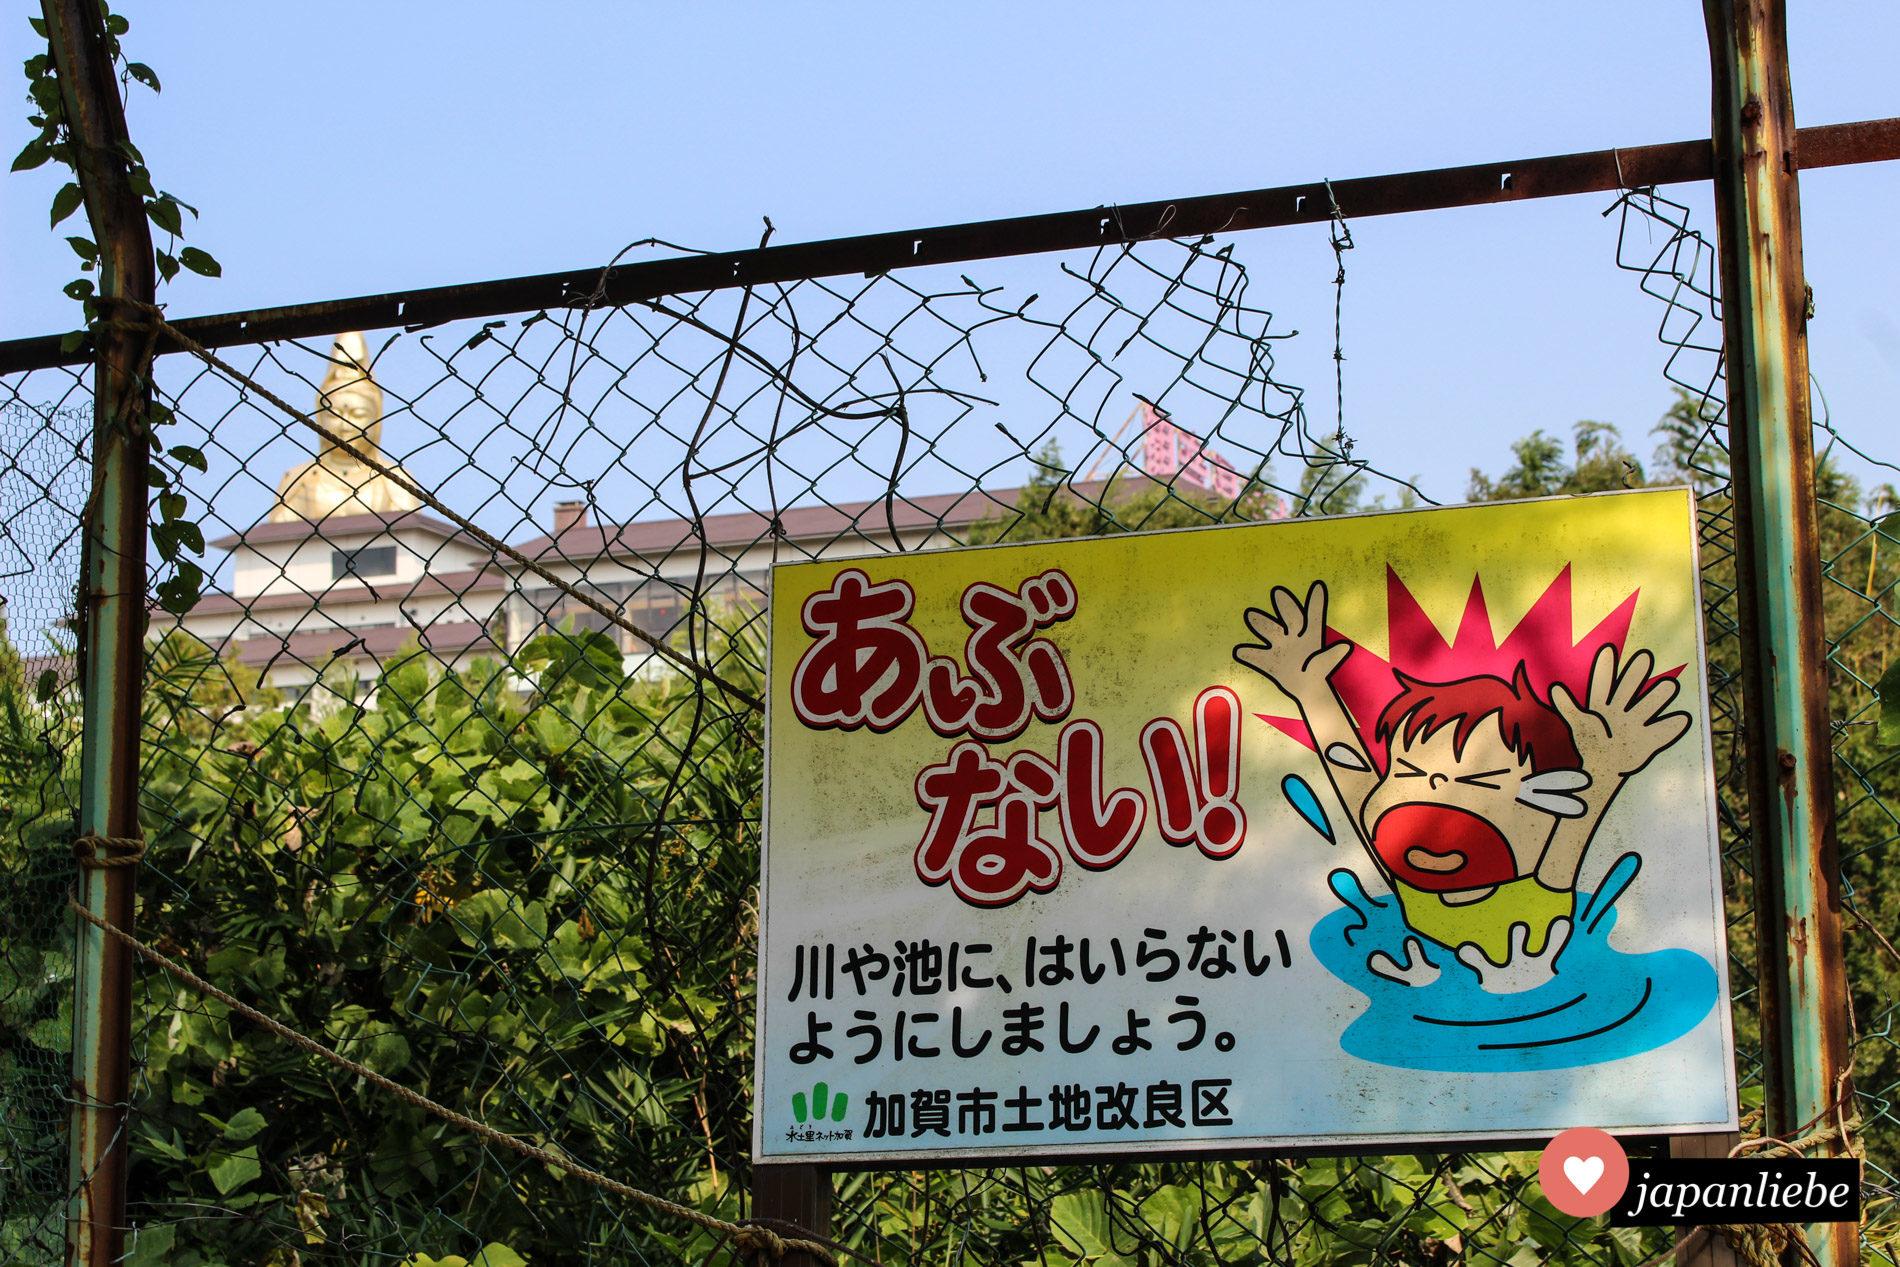 Ein Schild in Kaga-Onsen warnt davor, dass Schwimmen an dieser Stelle zu gefährlich ist. Im Hintergrund wacht eine riesige, goldene Buddhastatue darüber, ob dieses Verbot auch eingehalten wird.